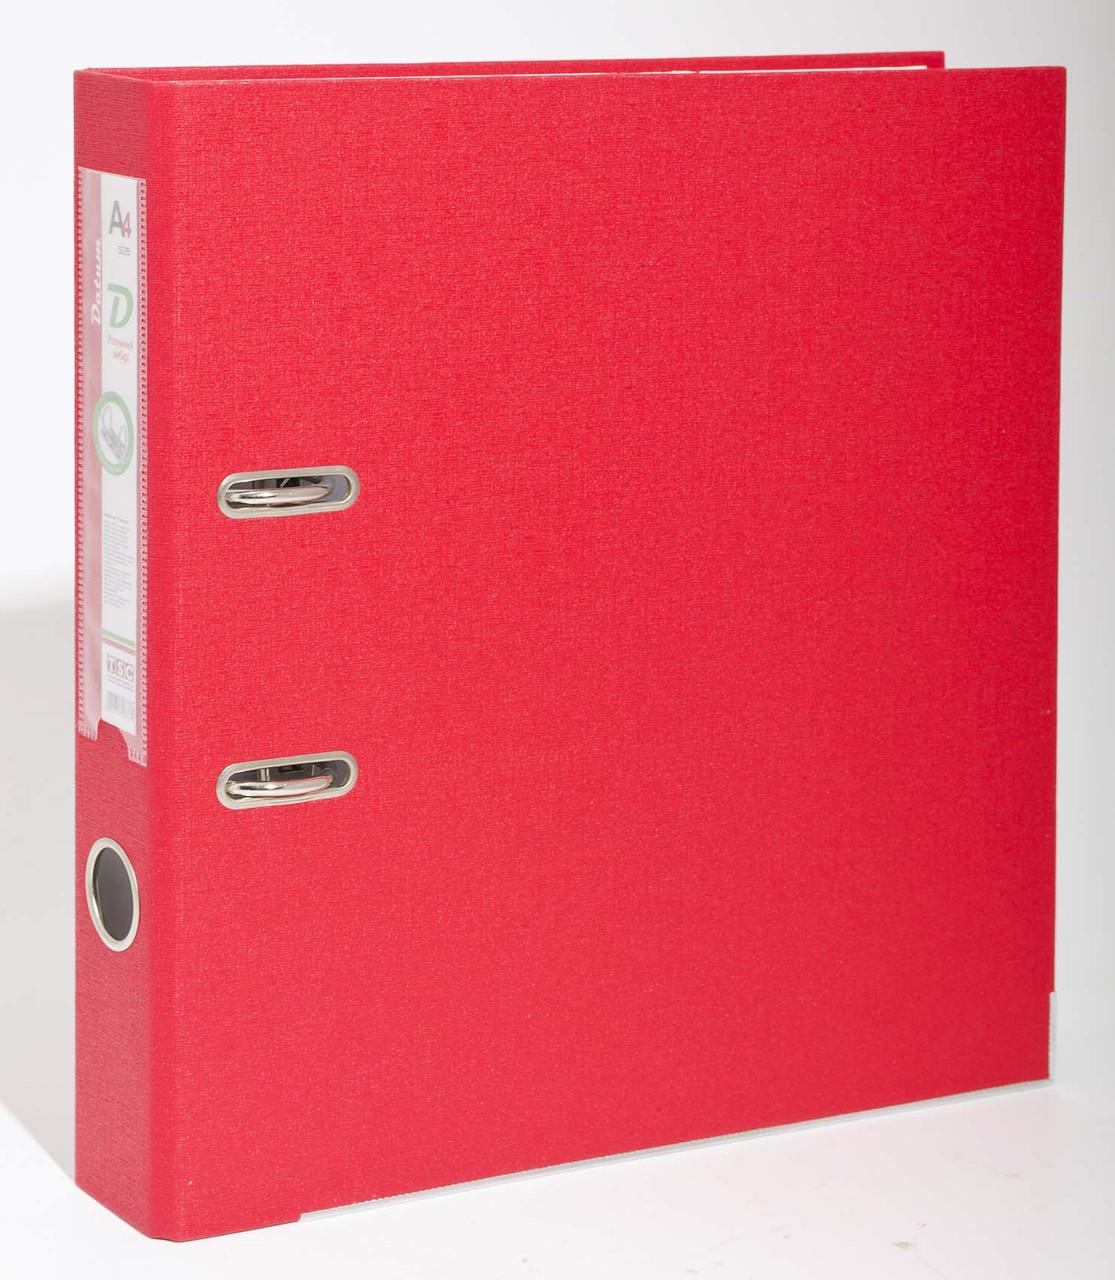 Сегрегатор А4/5см красный D2260-06 (сборной)